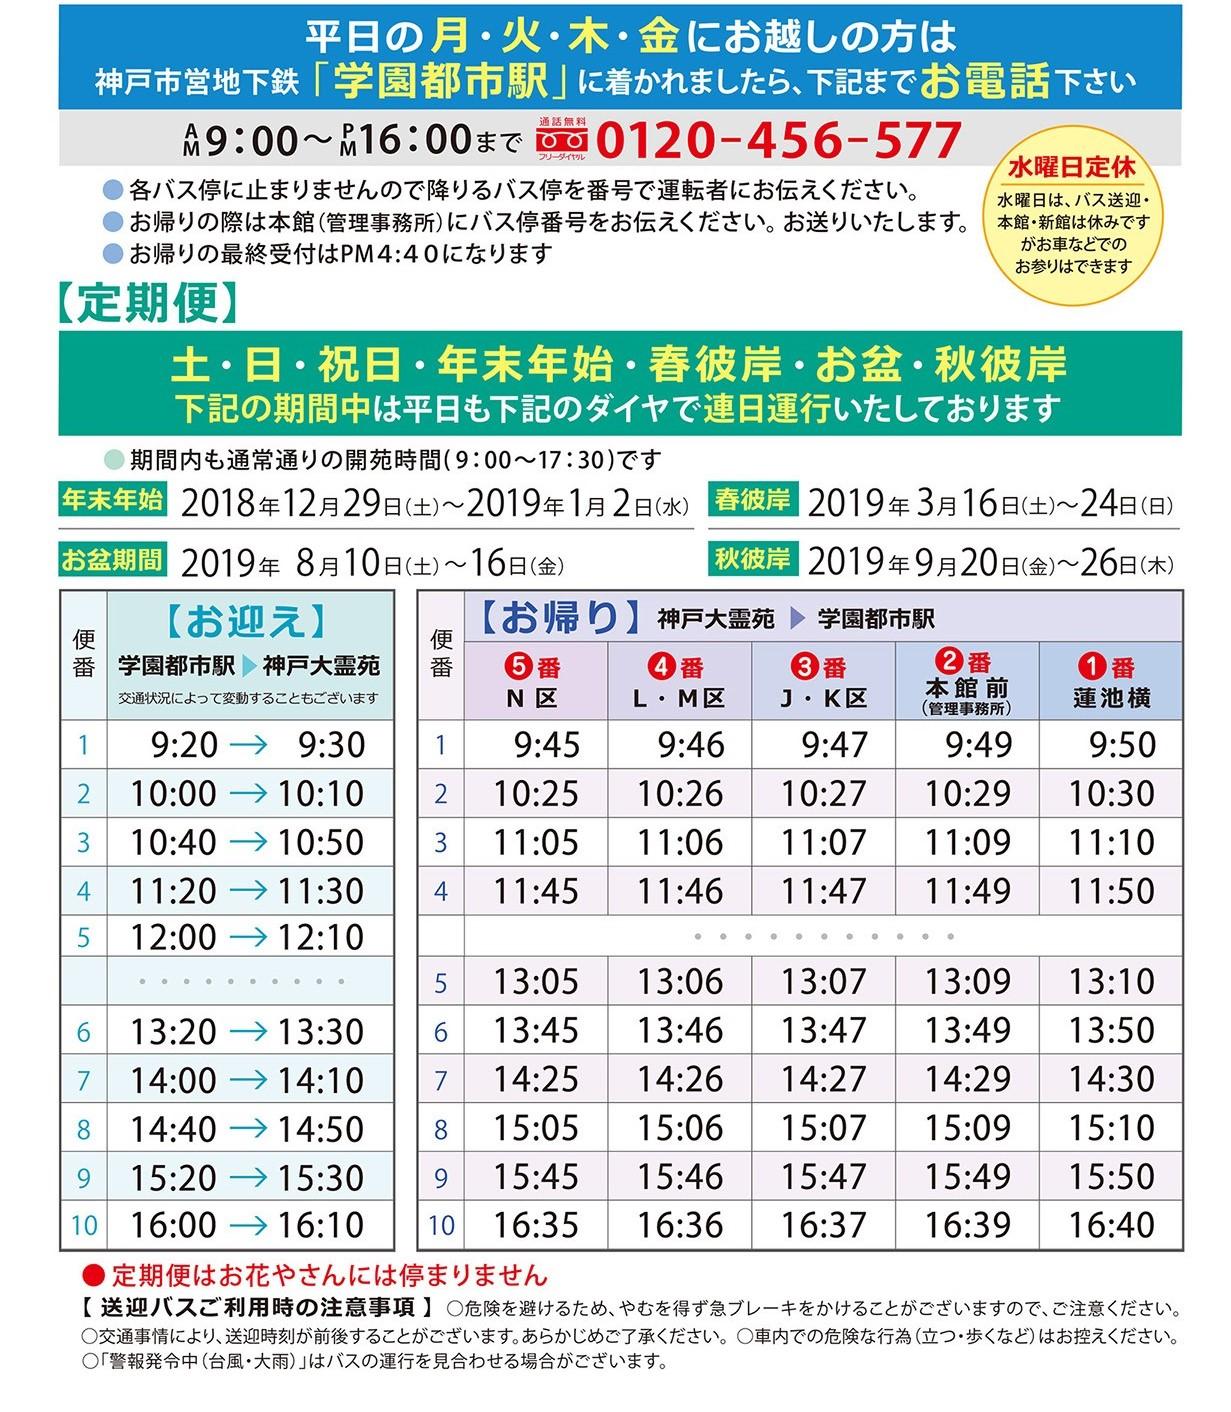 台風接近時の無料送迎バス運行について